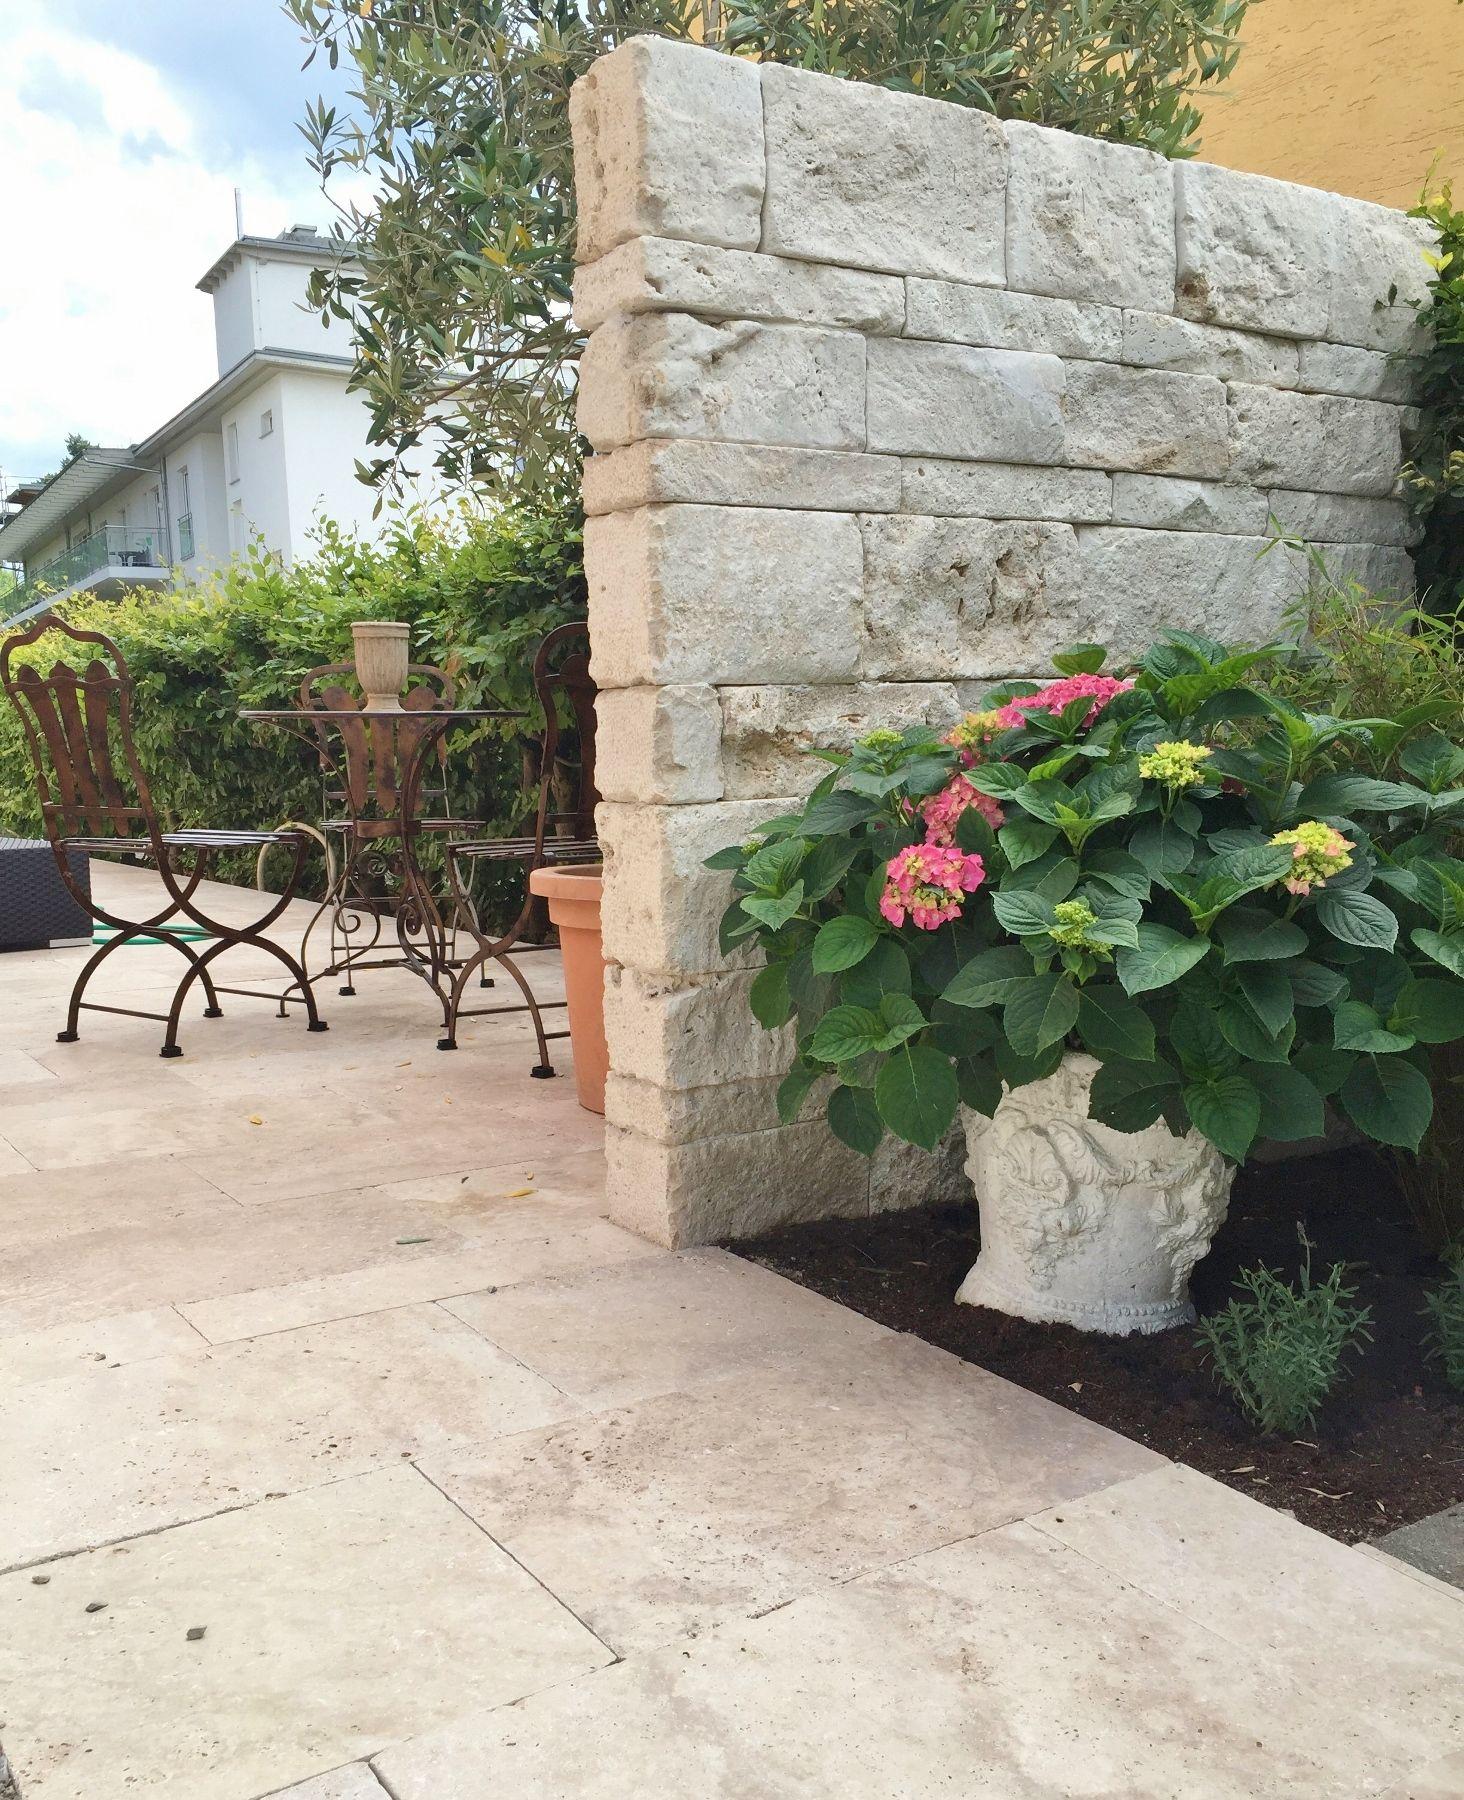 Gartengestaltung Mauersteine, travertin mauersteine für einen toskanischen garten. #wohnrausch, Design ideen